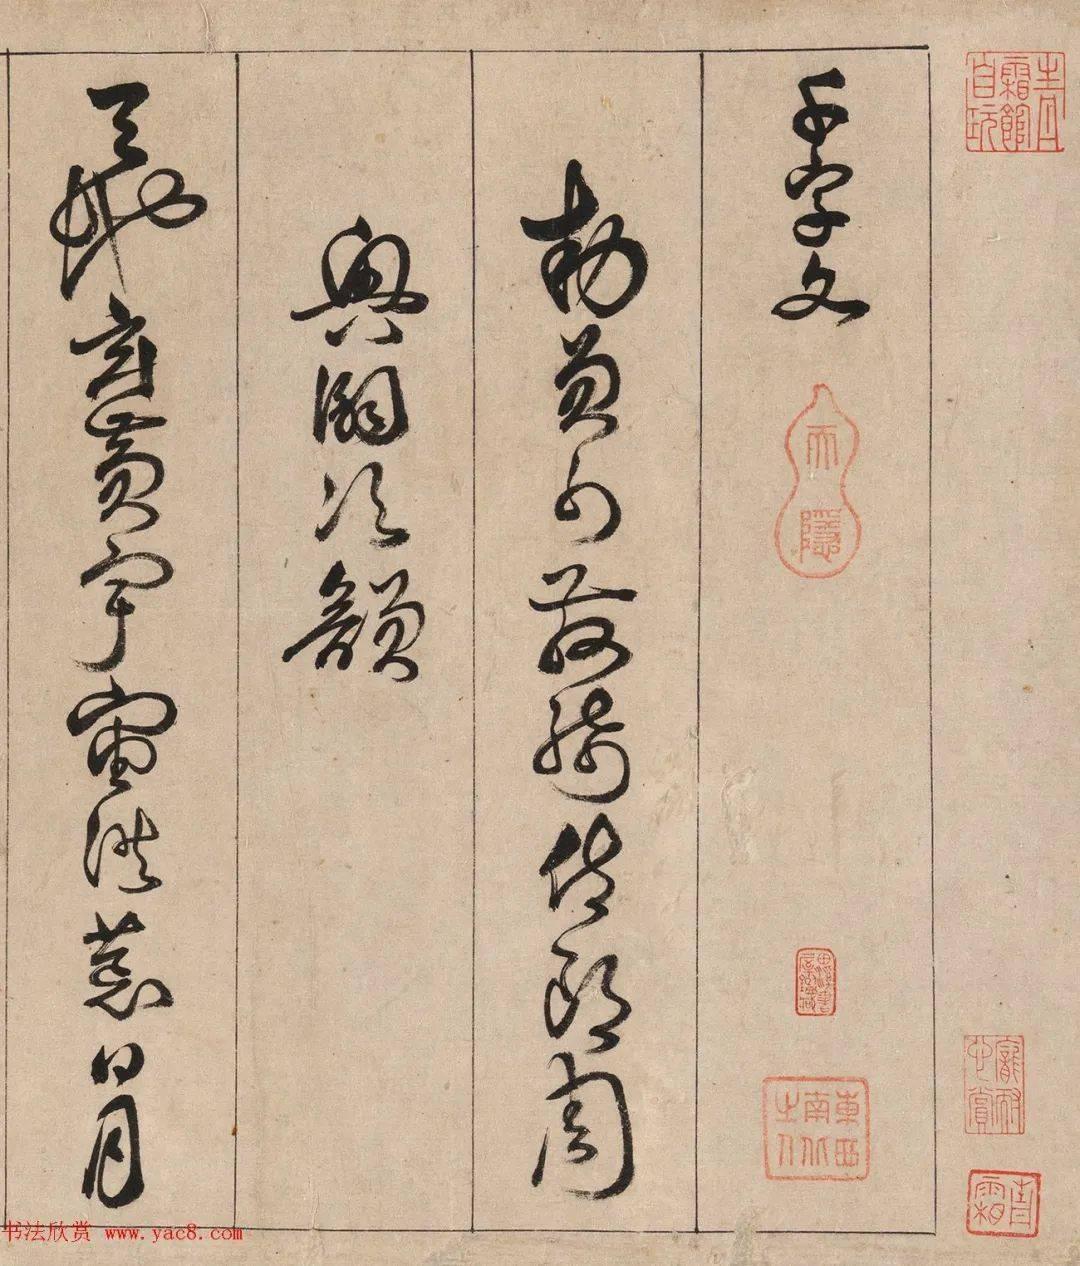 【书画欣赏】 明 詹景凤 草书《千字文》(美国藏)